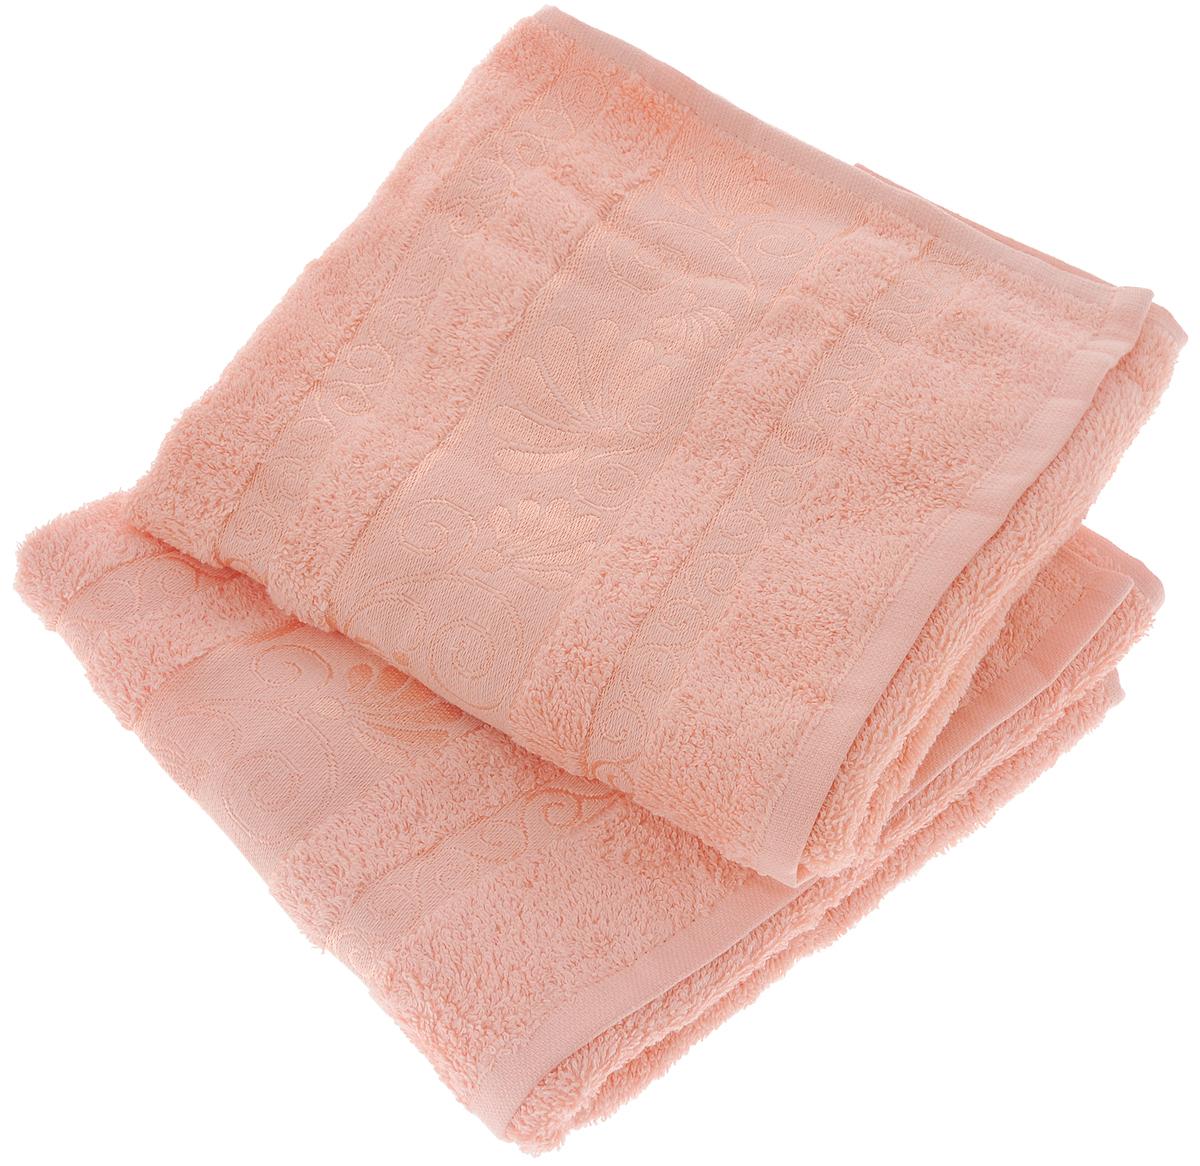 Набор полотенец Tete-a-Tete Цветы, цвет: светло-розовый, 50 х 90 см, 2 штУНП-115-04-2кНабор Tete-a-Tete Цветы состоит из двух махровых полотенец, выполненных из натурального 100% хлопка. Бордюр полотенец декорирован цветочным узором. Изделия мягкие, отлично впитывают влагу, быстро сохнут, сохраняют яркость цвета и не теряют форму даже после многократных стирок. Полотенца Tete-a-Tete Цветы очень практичны и неприхотливы в уходе. Они легко впишутся в любой интерьер благодаря своей нежной цветовой гамме. Набор упакован в красивую коробку и может послужить отличной идеей подарка. Размер полотенец: 50 х 90 см.